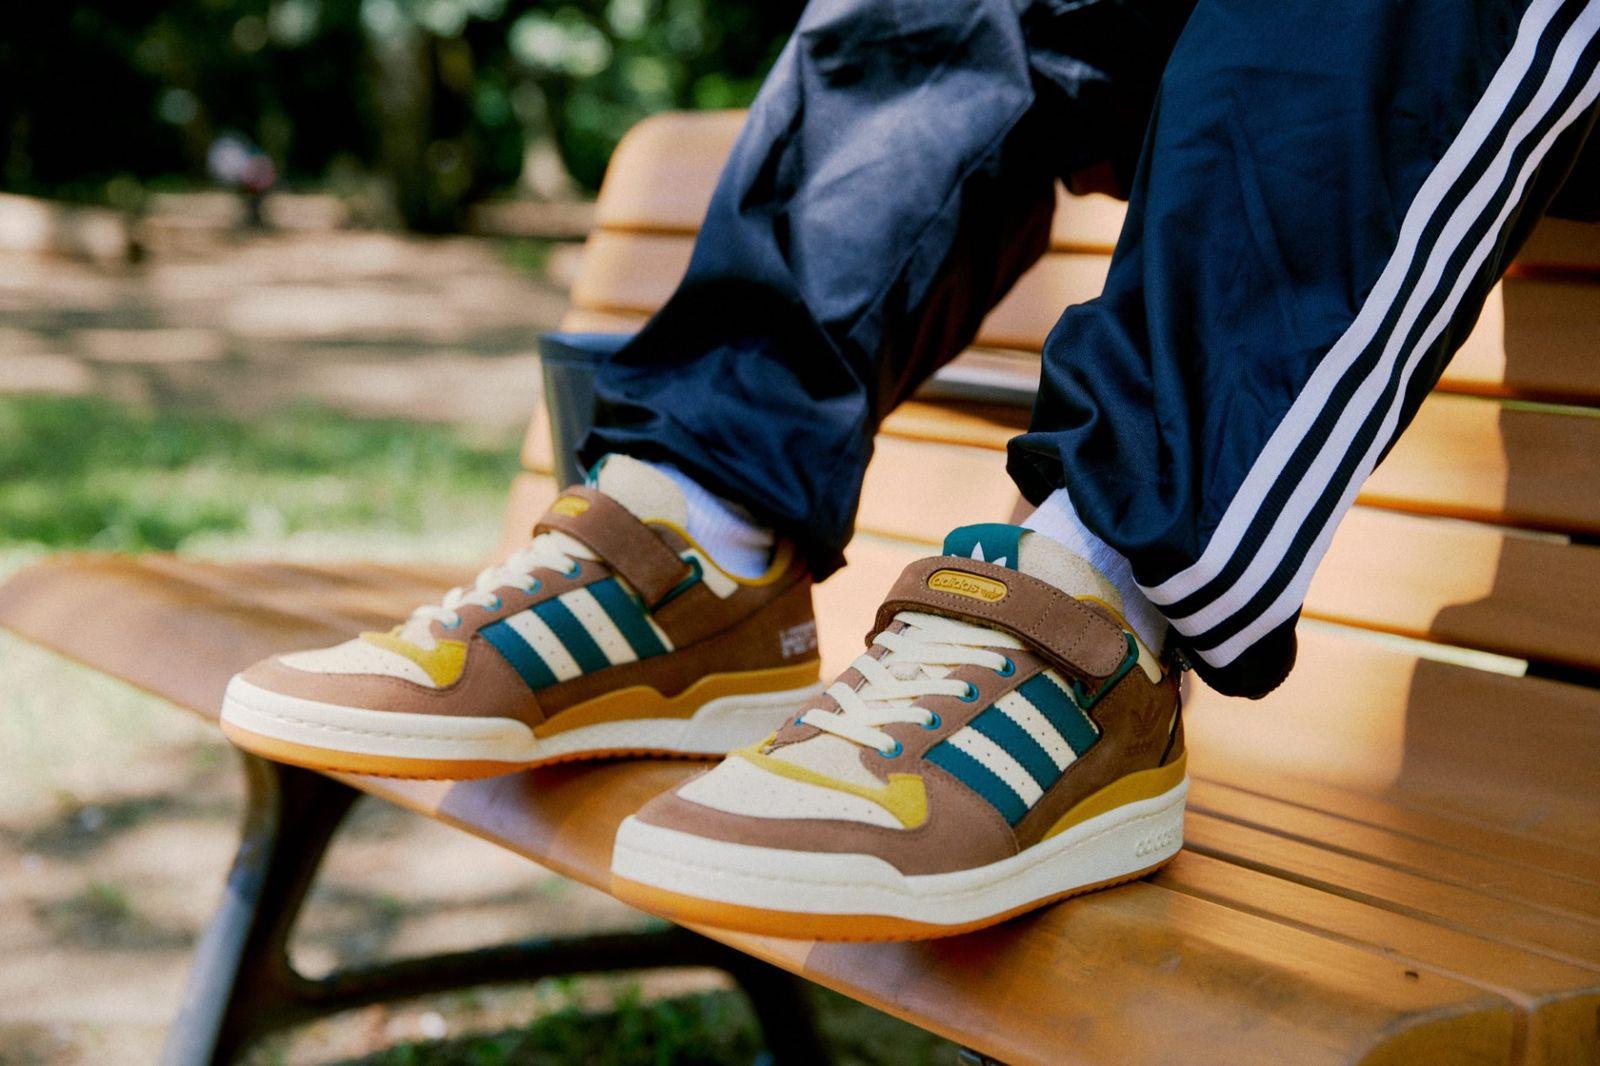 adidas-originals-atmos-yoyogi-park-pack-lb-4